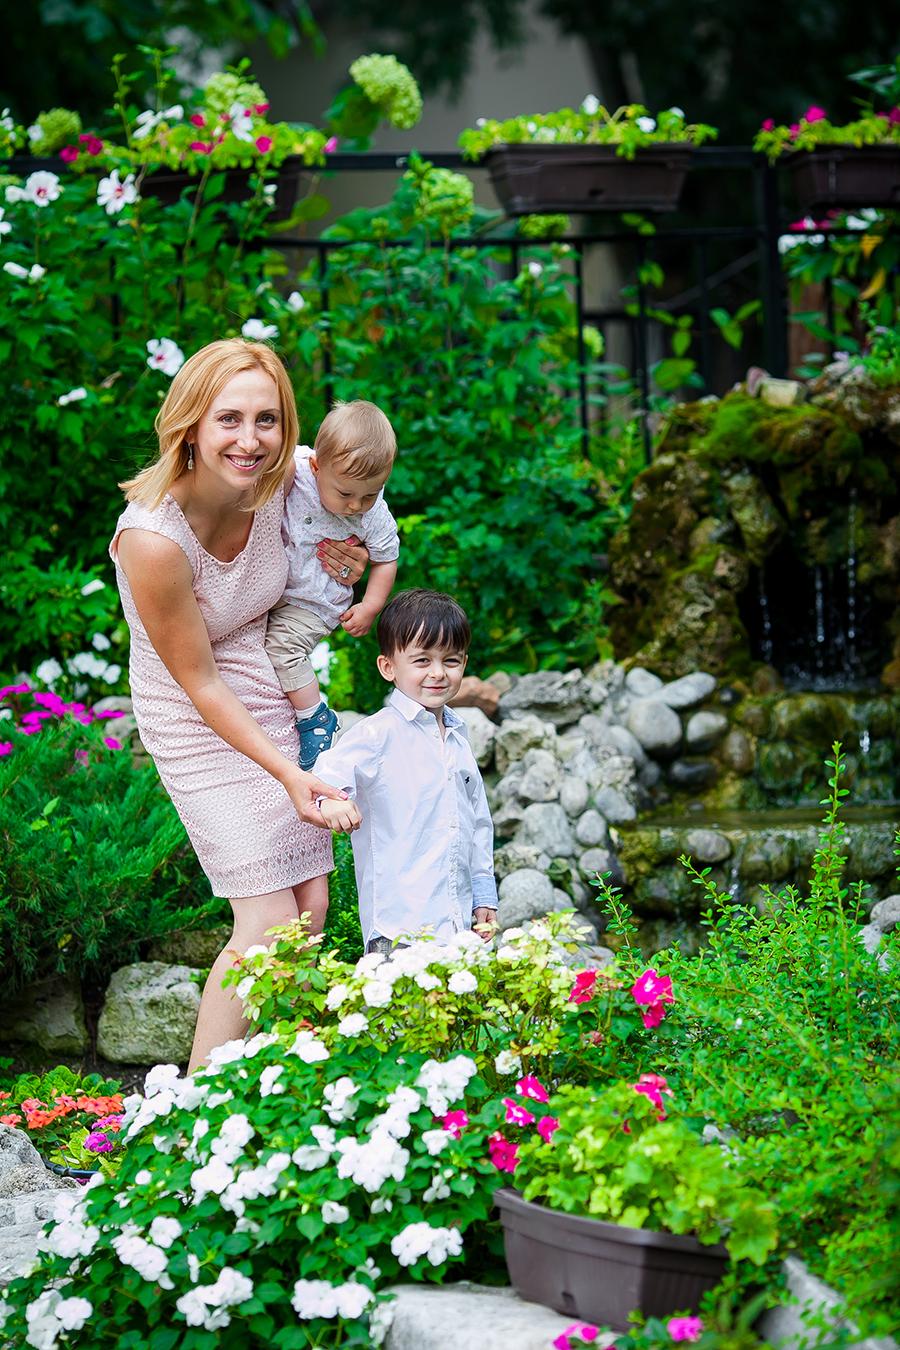 Кръщене на Йоан при фотограф Олга Ташева. Фото студио Варна. Детска, бебешка и семейна фотография. Фотограф Кръщене Варна - 79684